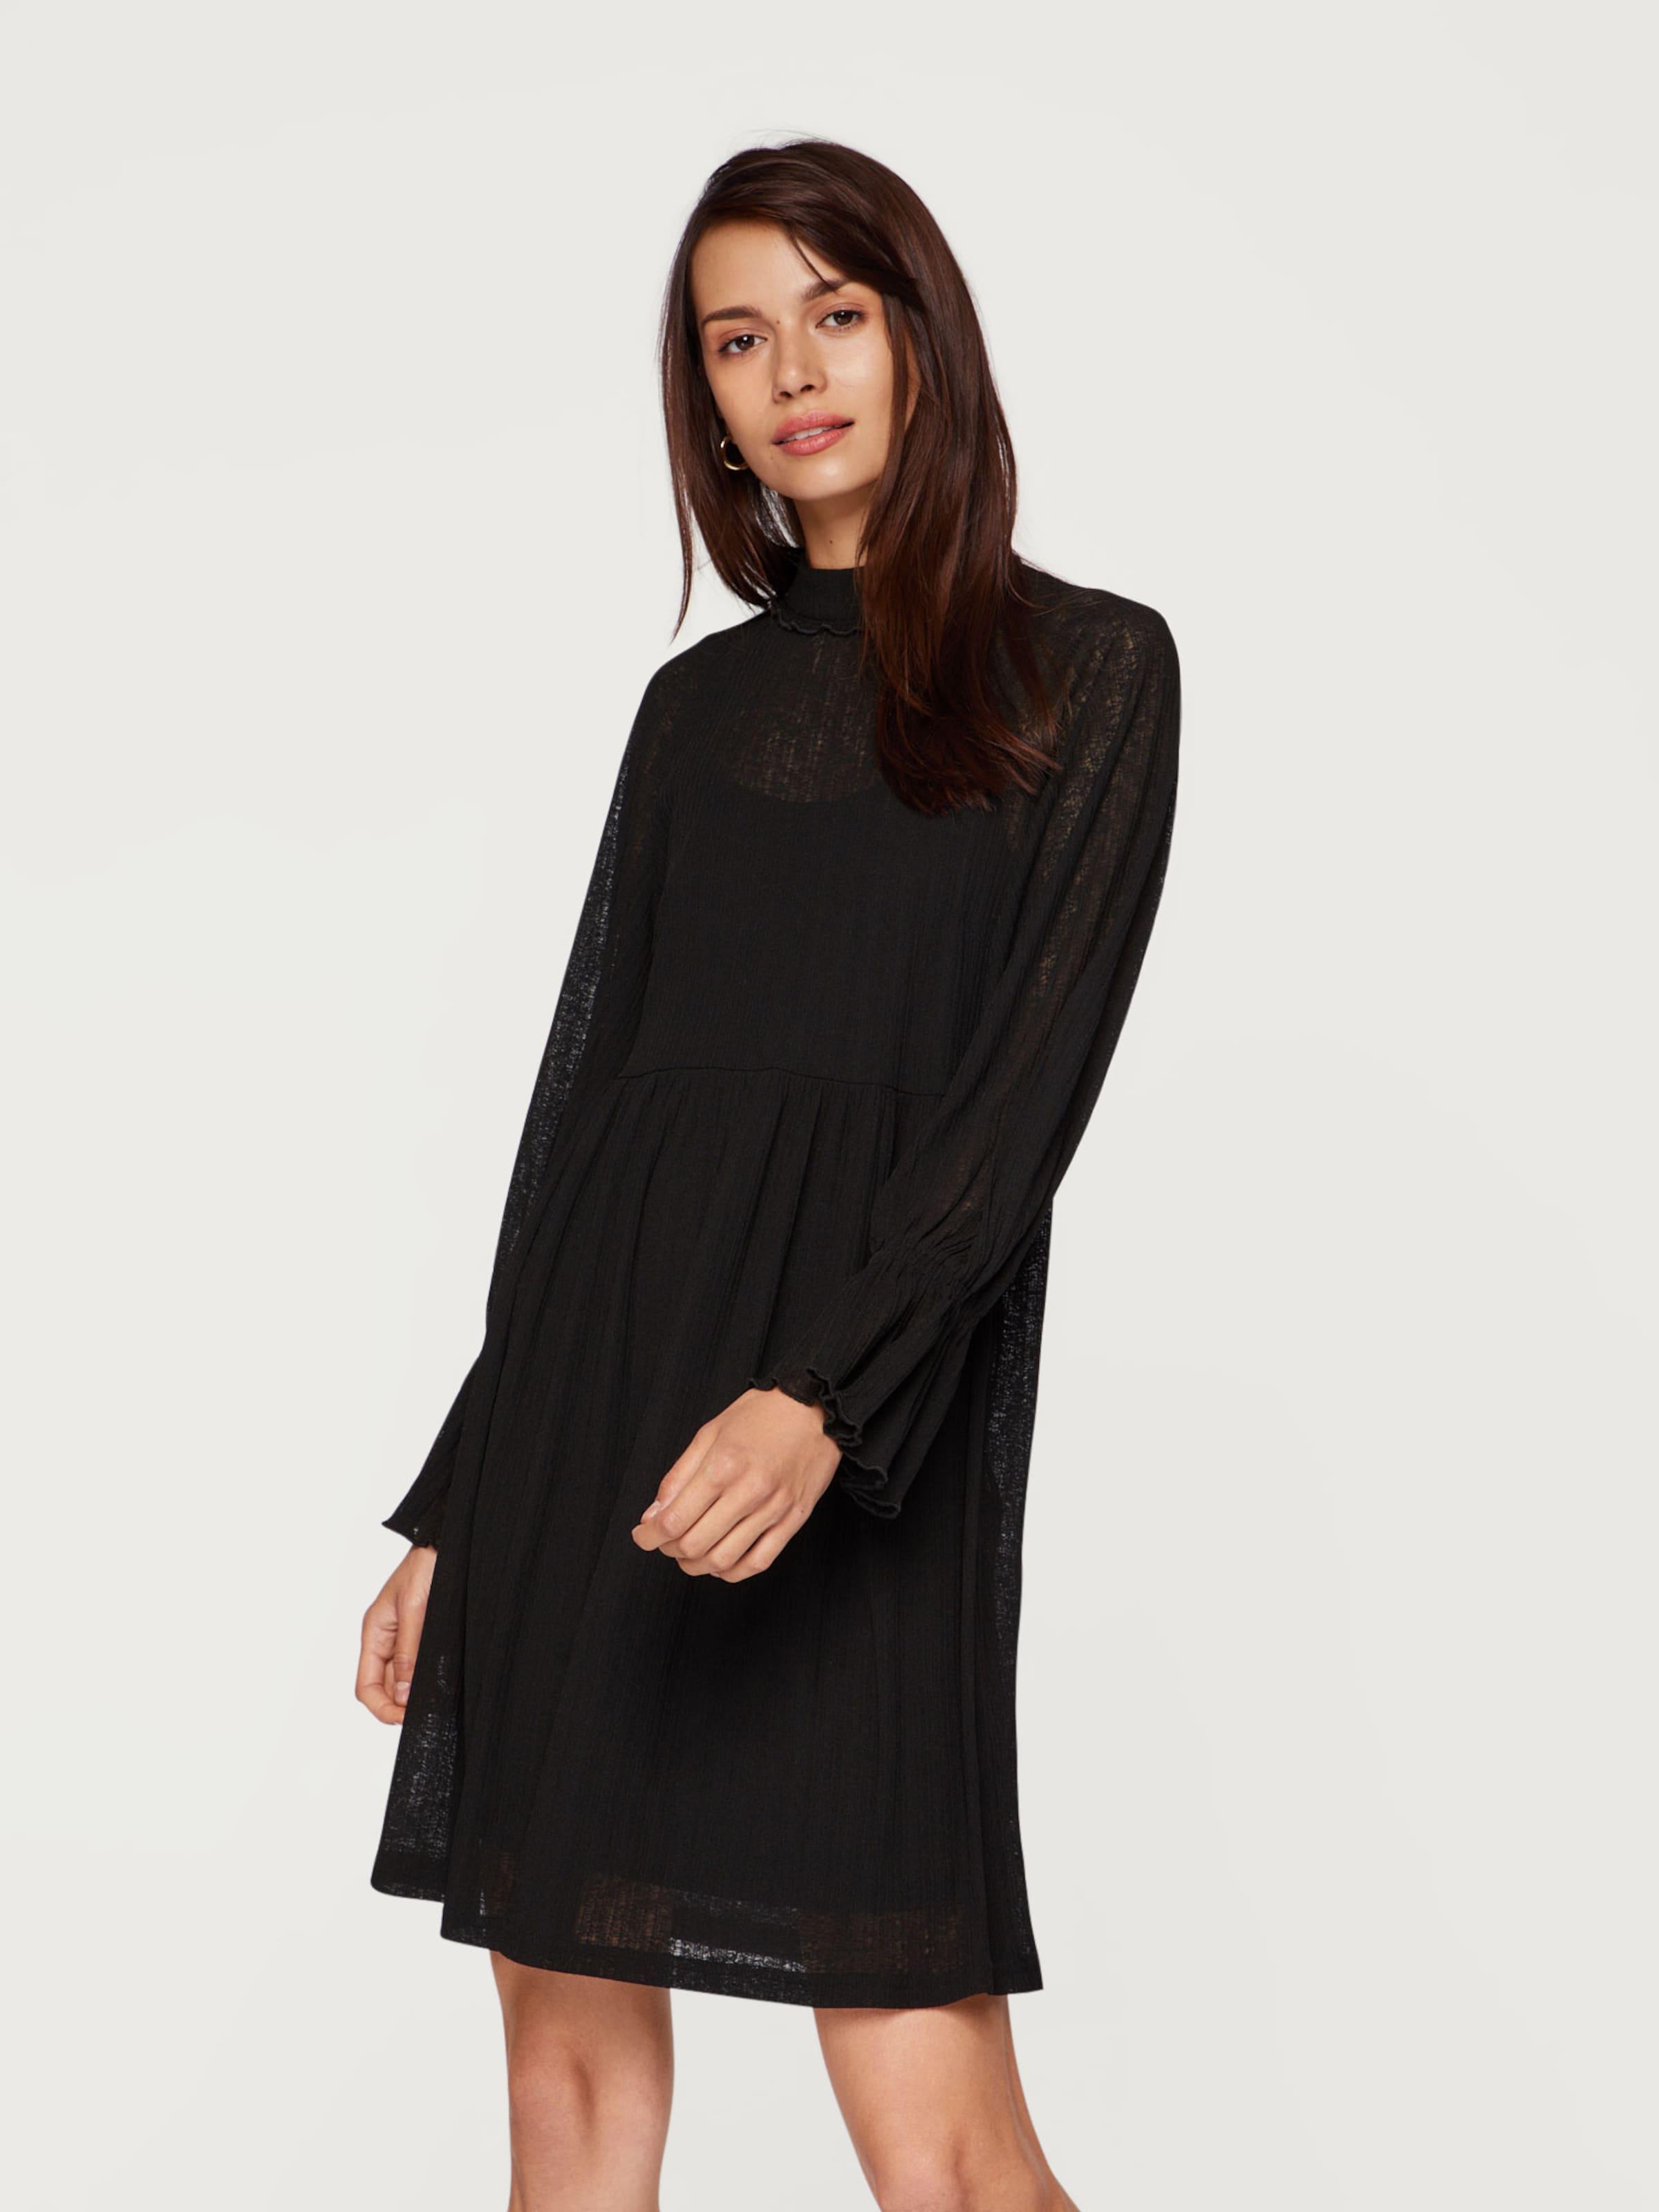 abendkleider online shop auf rechnung stylische kleider. Black Bedroom Furniture Sets. Home Design Ideas